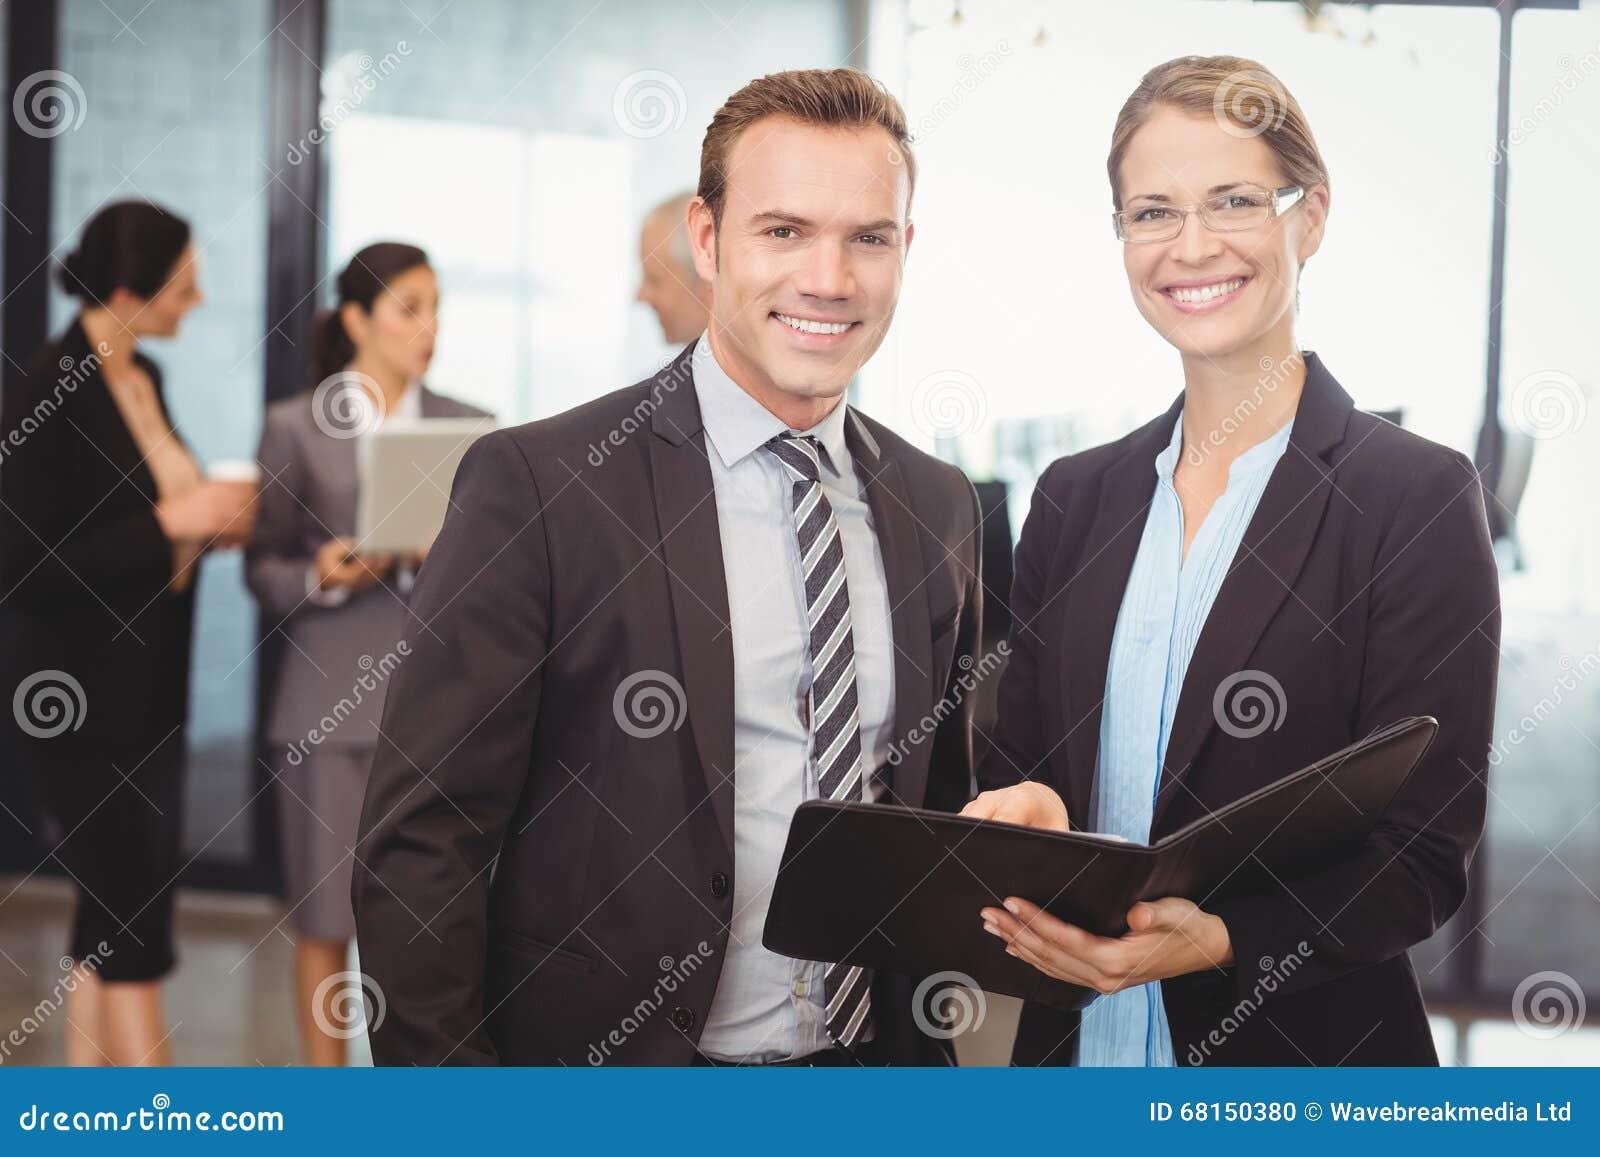 Agence de rencontre homme d'affaire